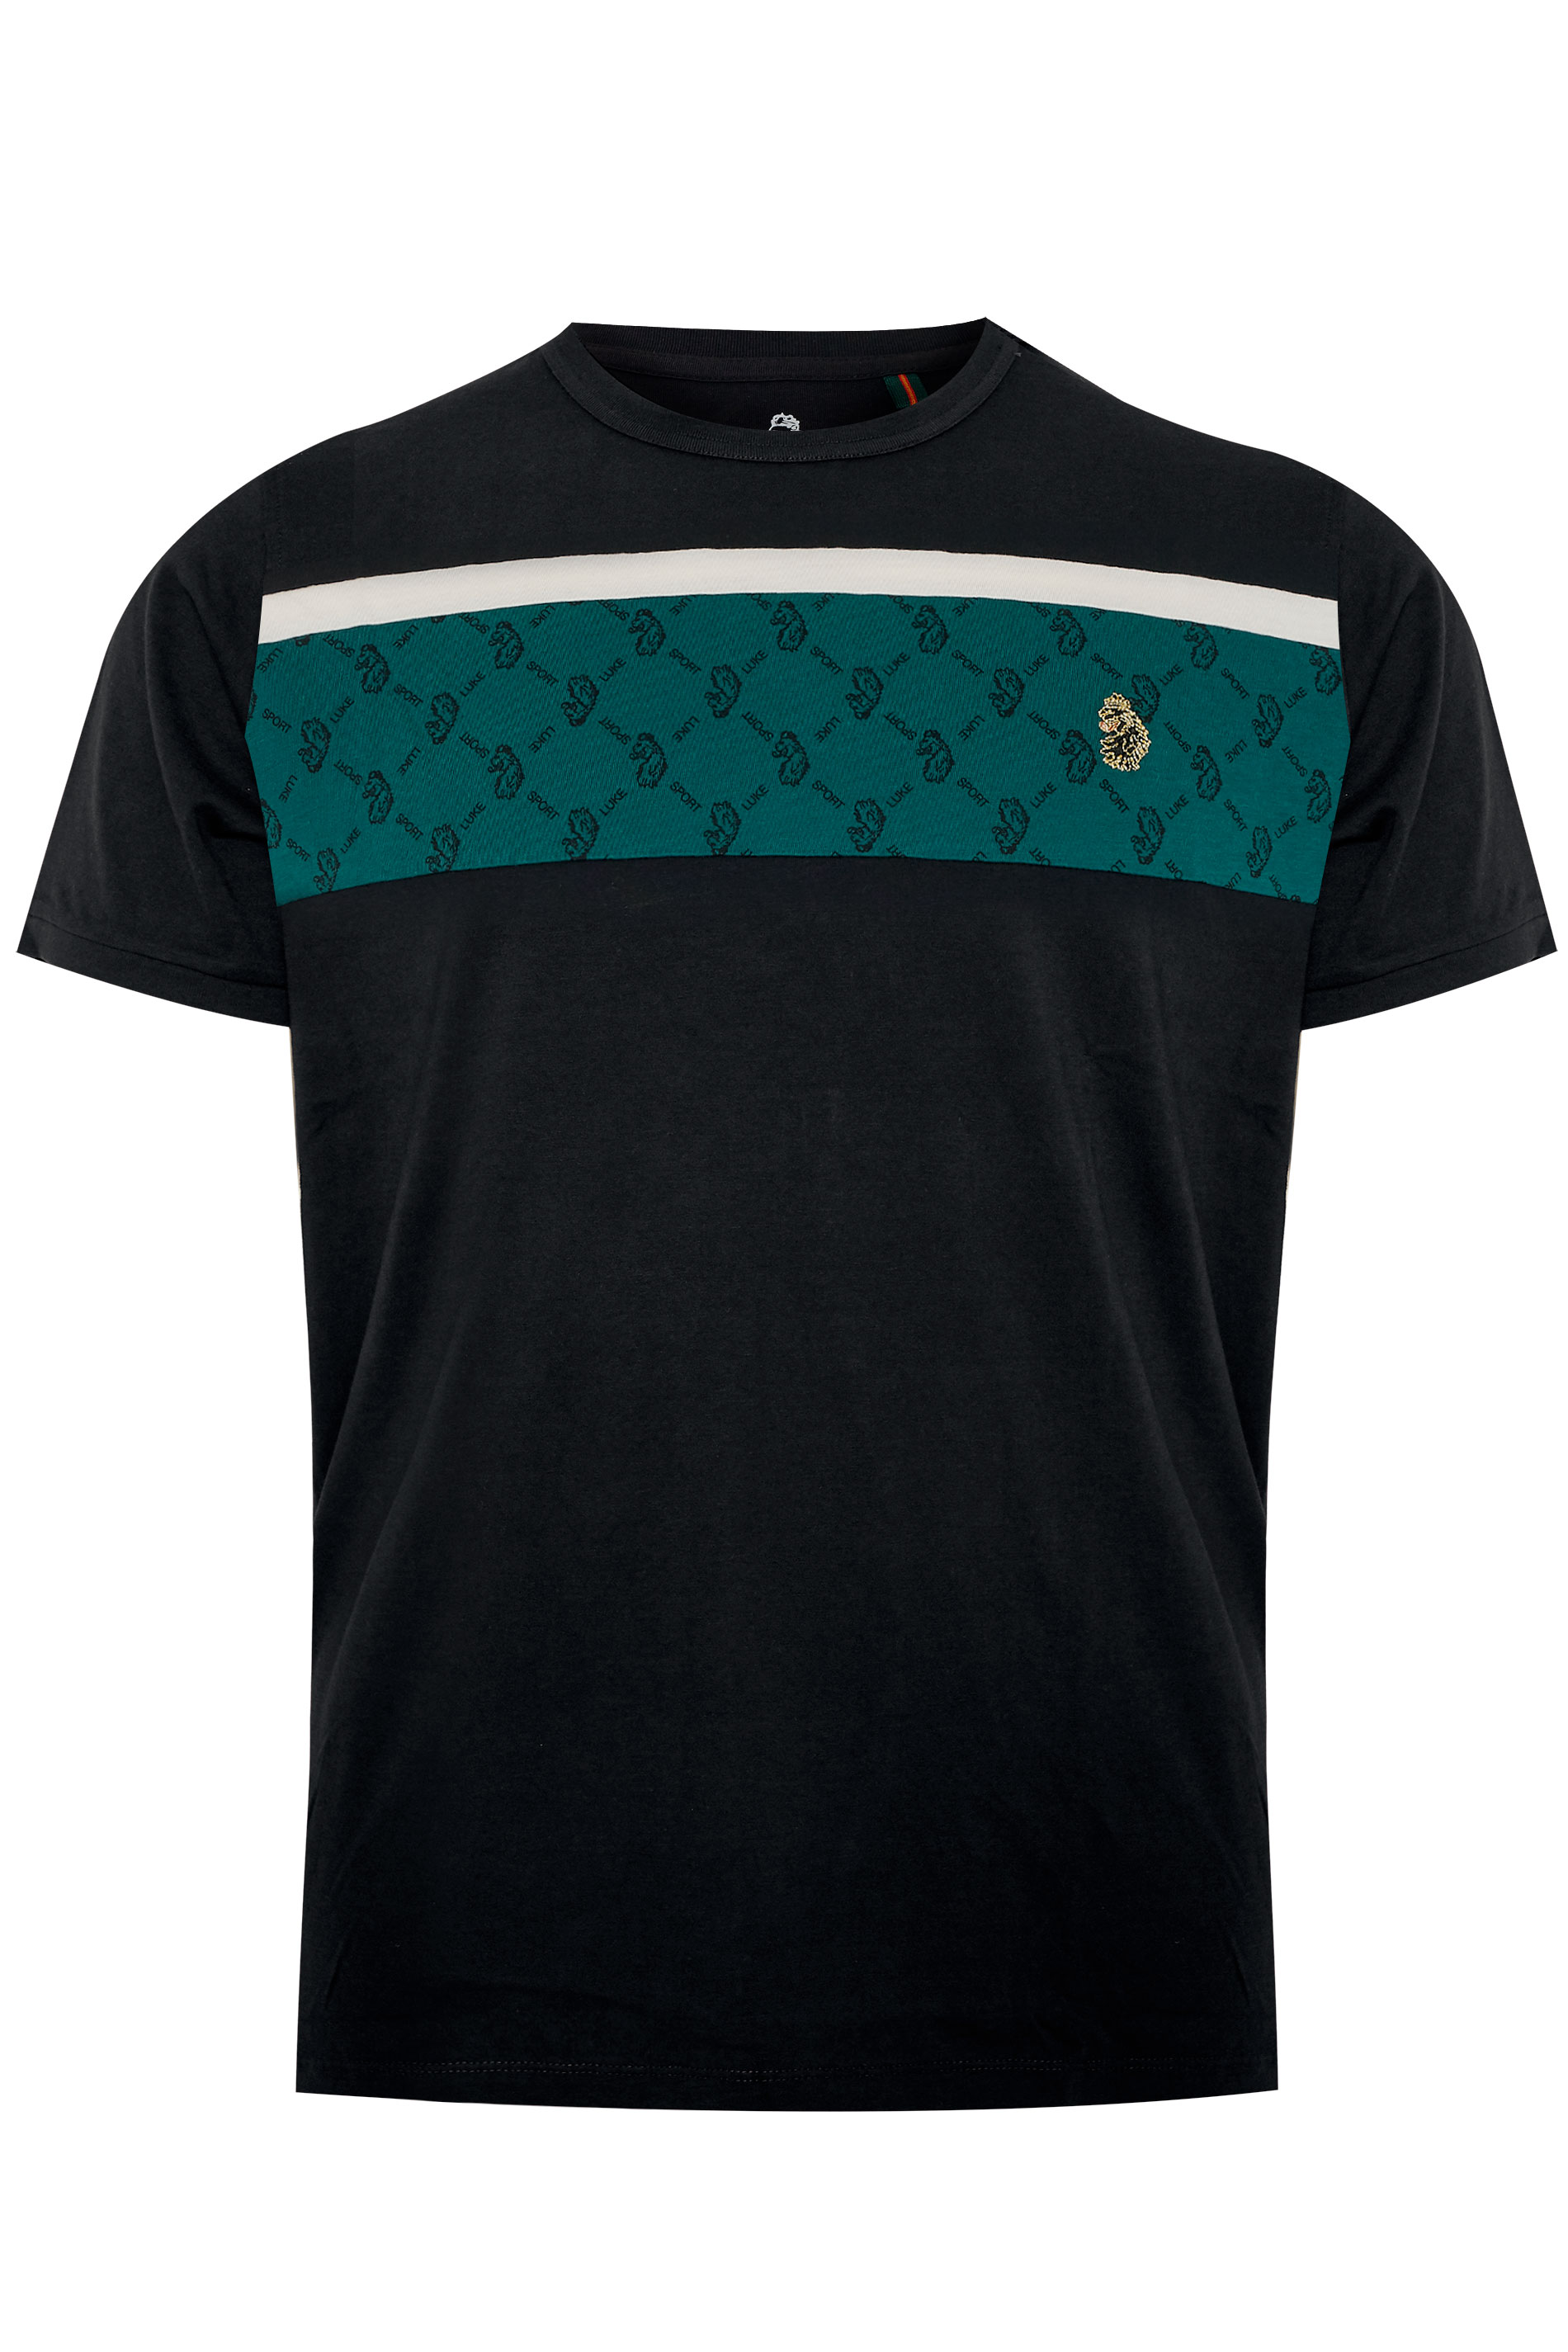 LUKE 1977 - Sport Lions t-shirt van katoen in zwart